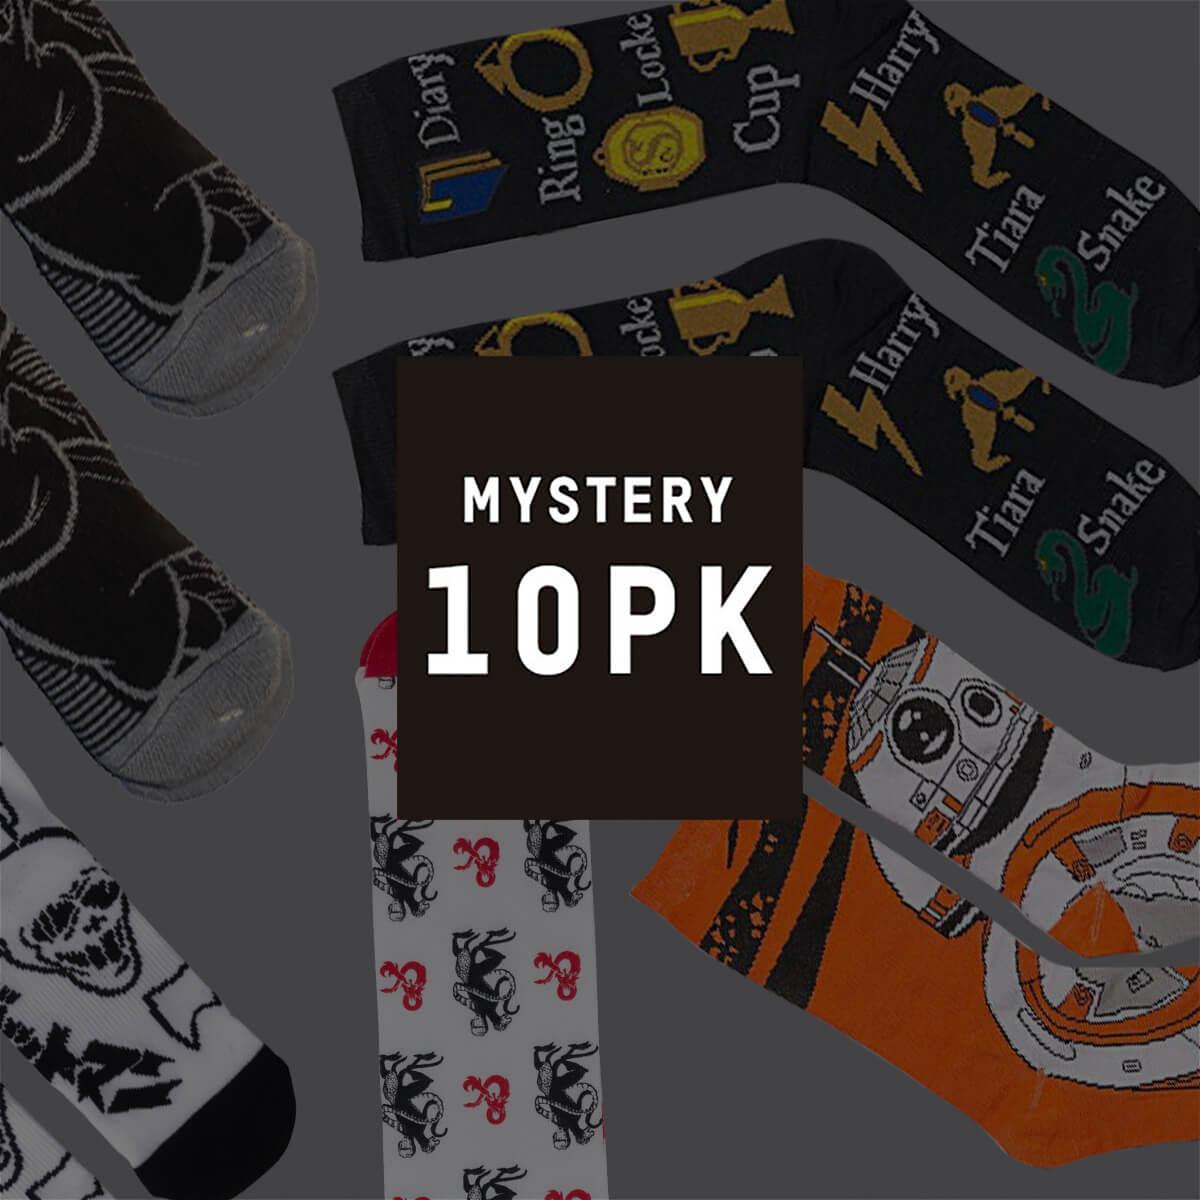 10 Paar Mystery Geek Socken